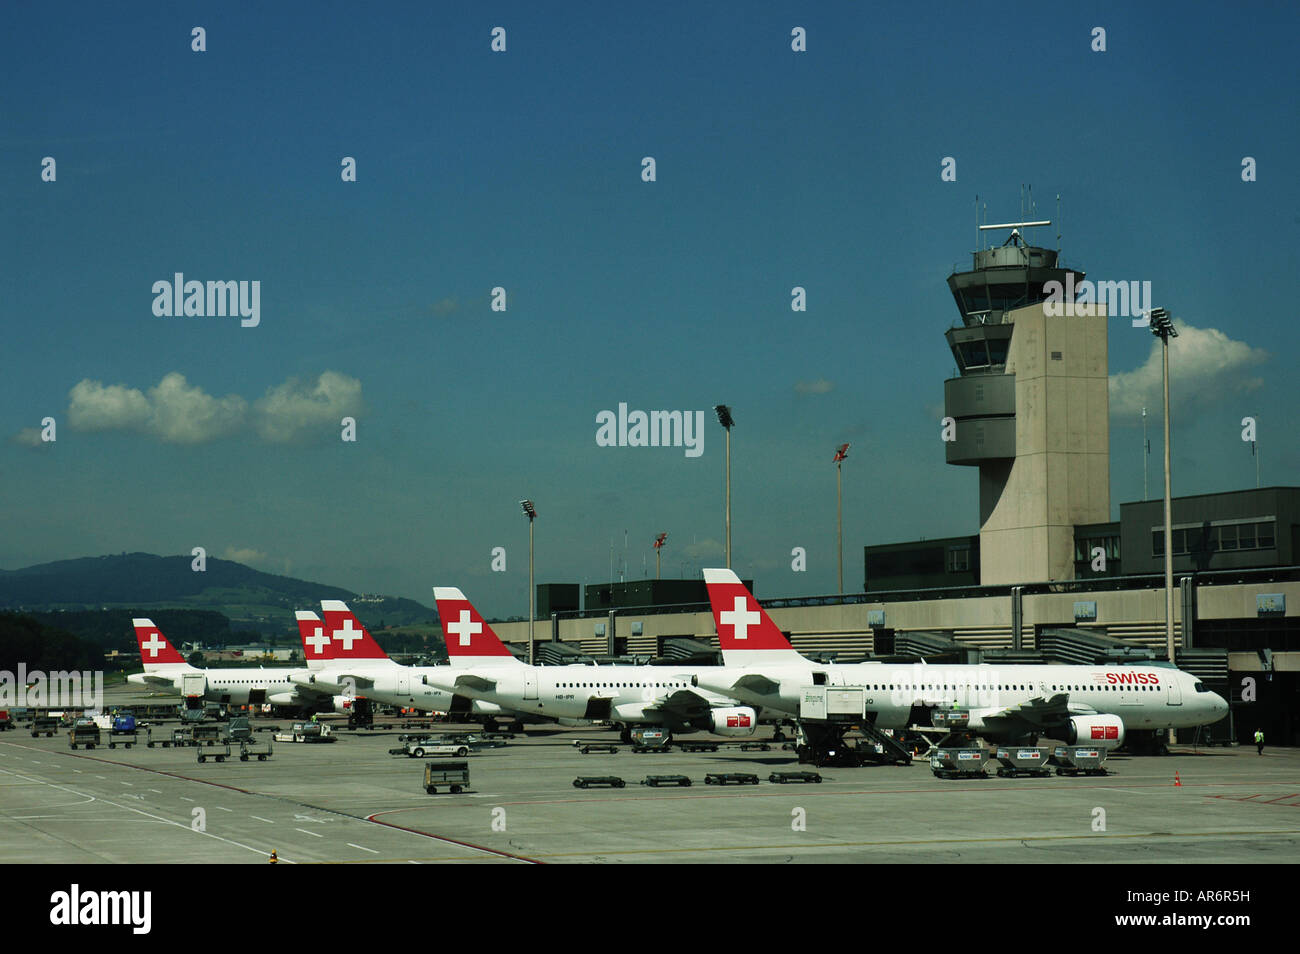 Zürich airport Zurich Switzerland Aeropuerto de Zürich Zurich Suiza - Stock Image